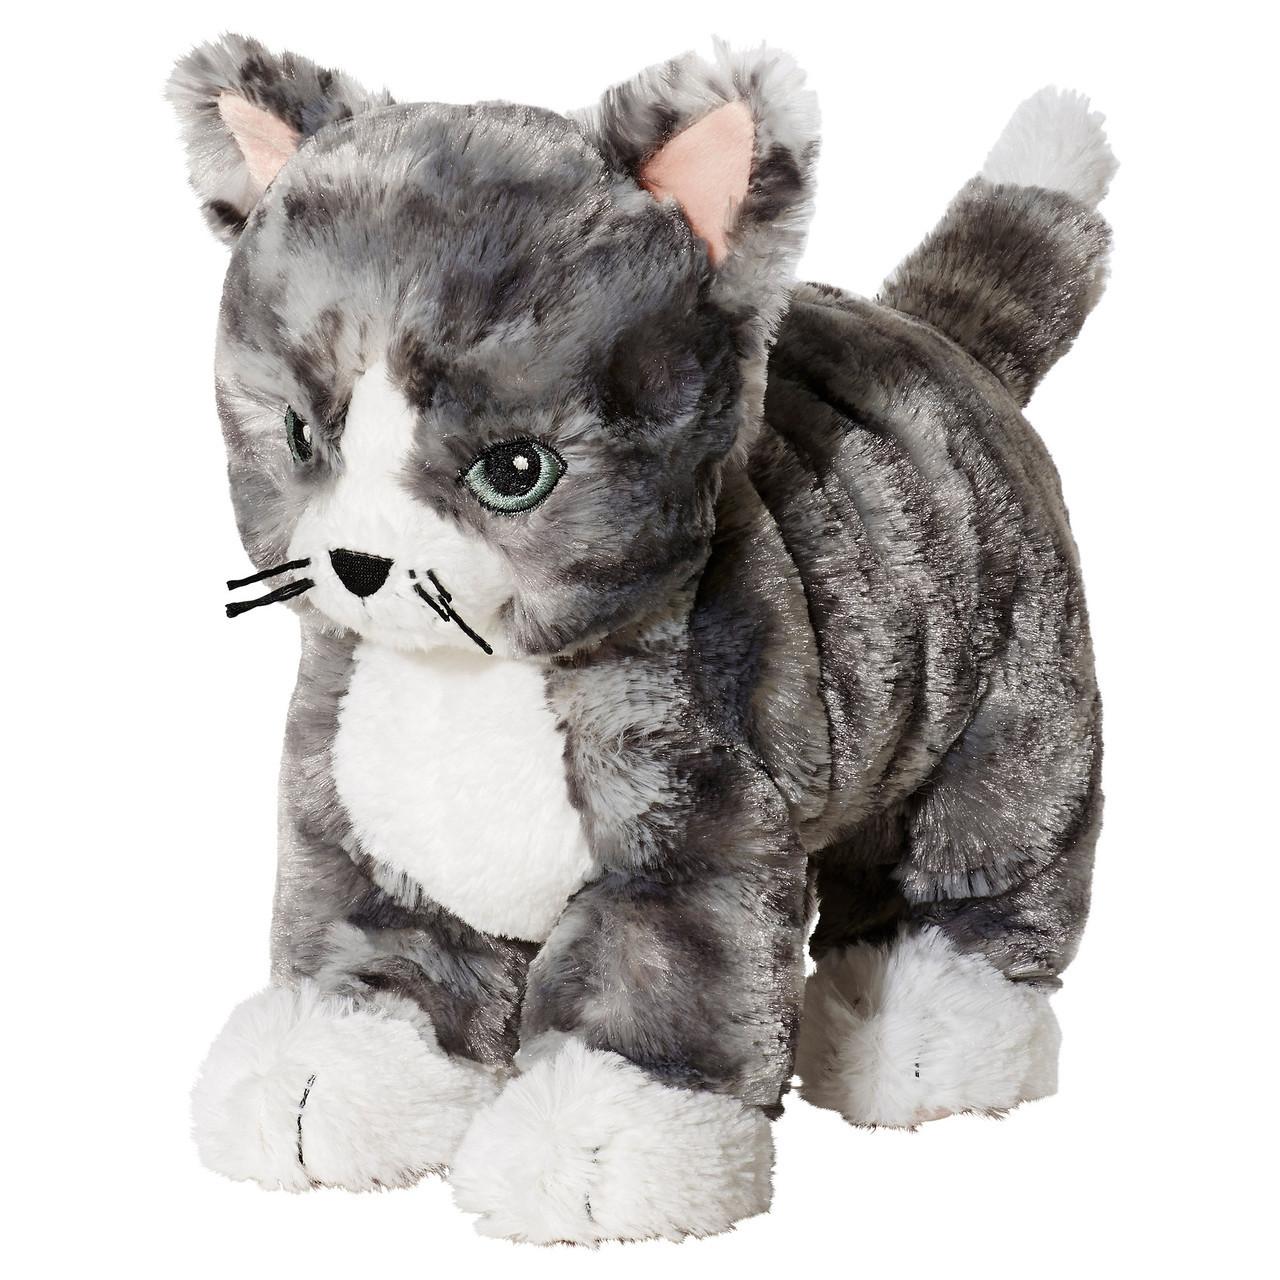 М'яка іграшка кіт IKEA LILLEPLUTT Сіро-білий (002.604.51)